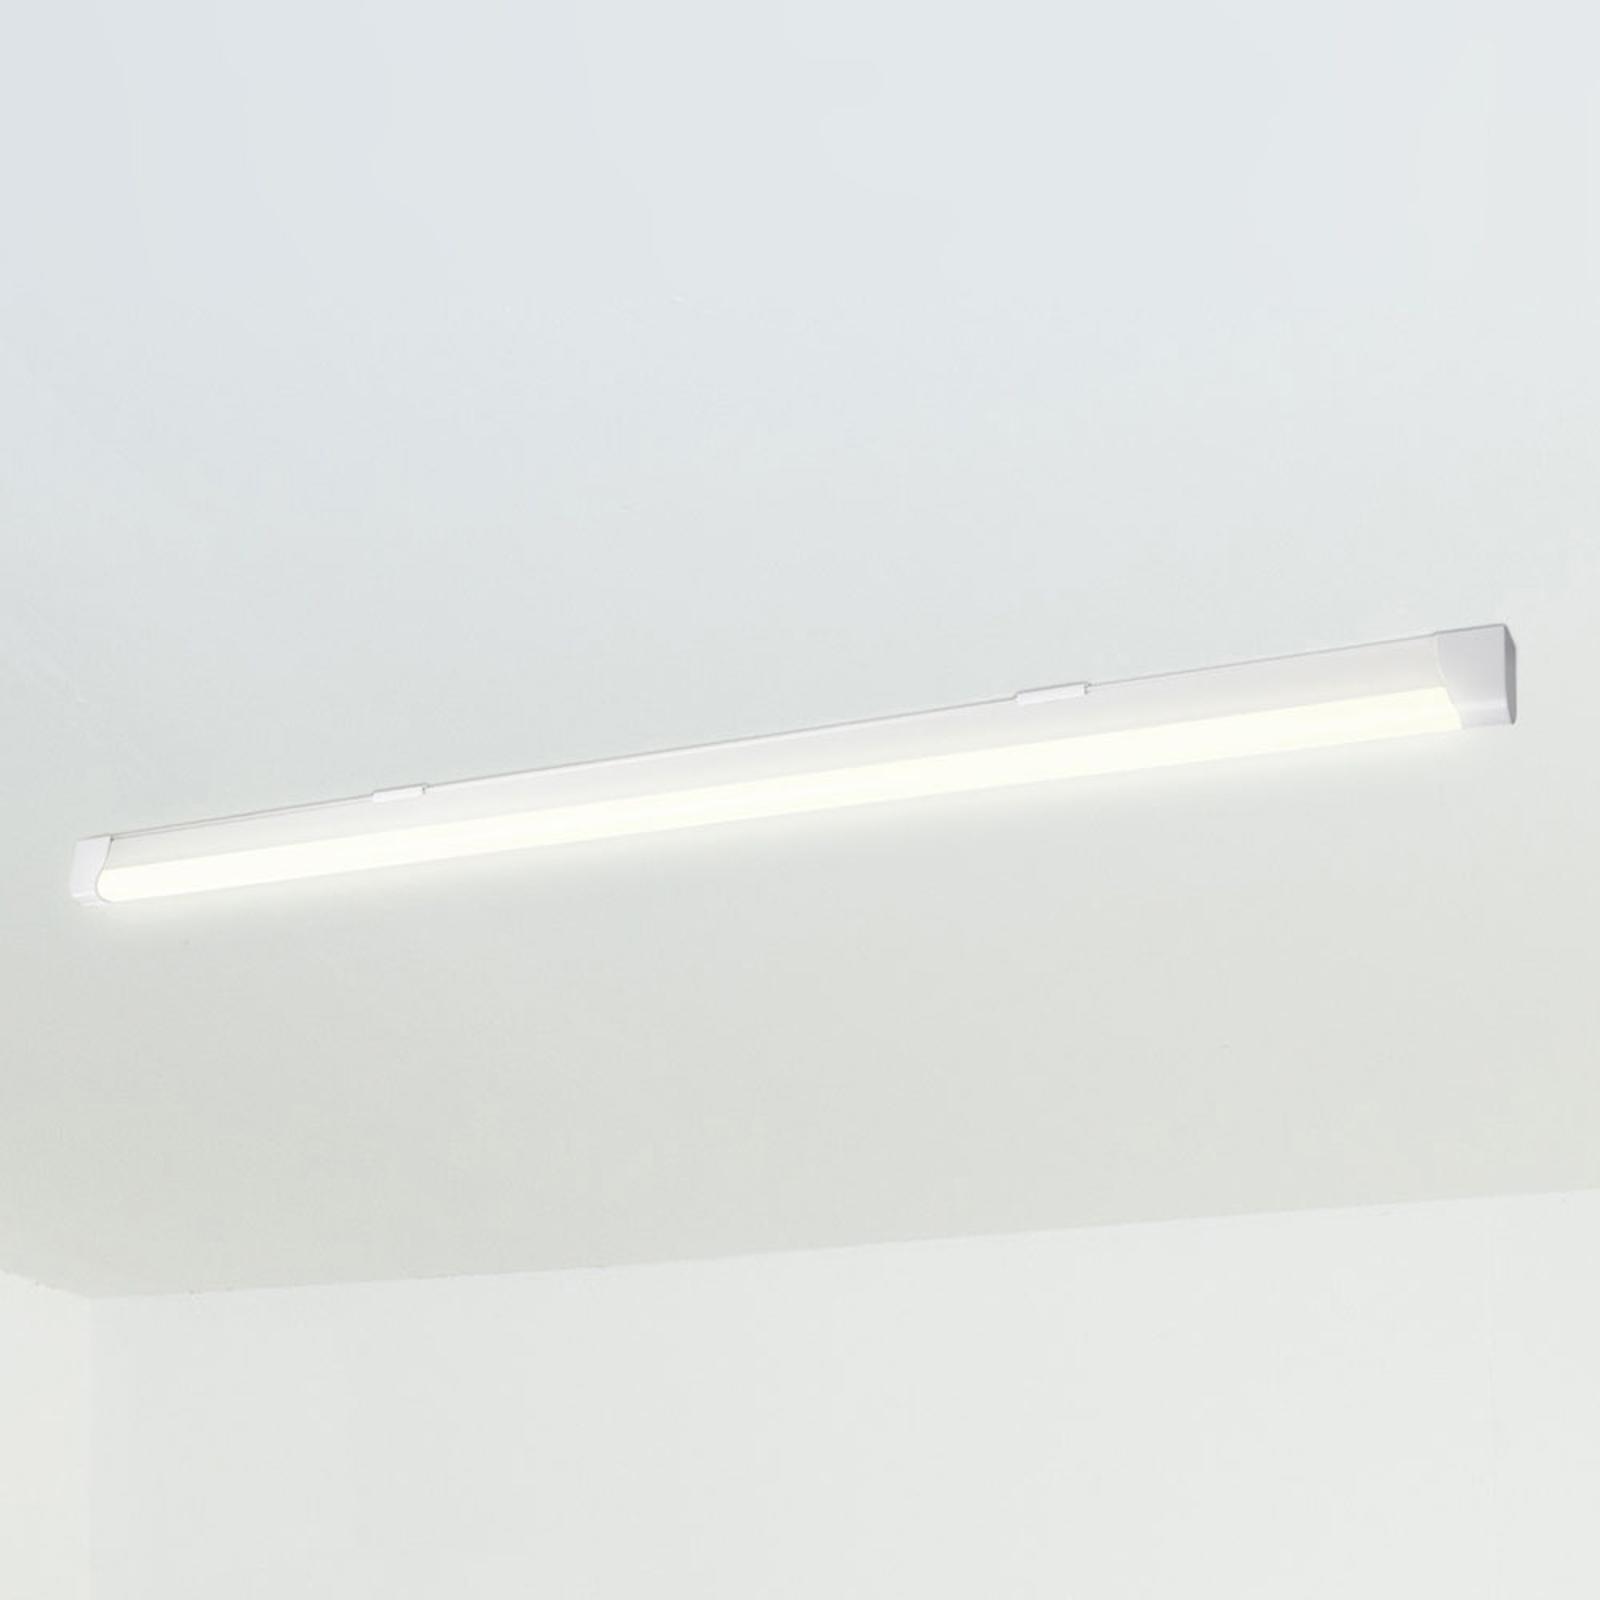 Müller Licht Ecoline 120 LED-Deckenleuchte